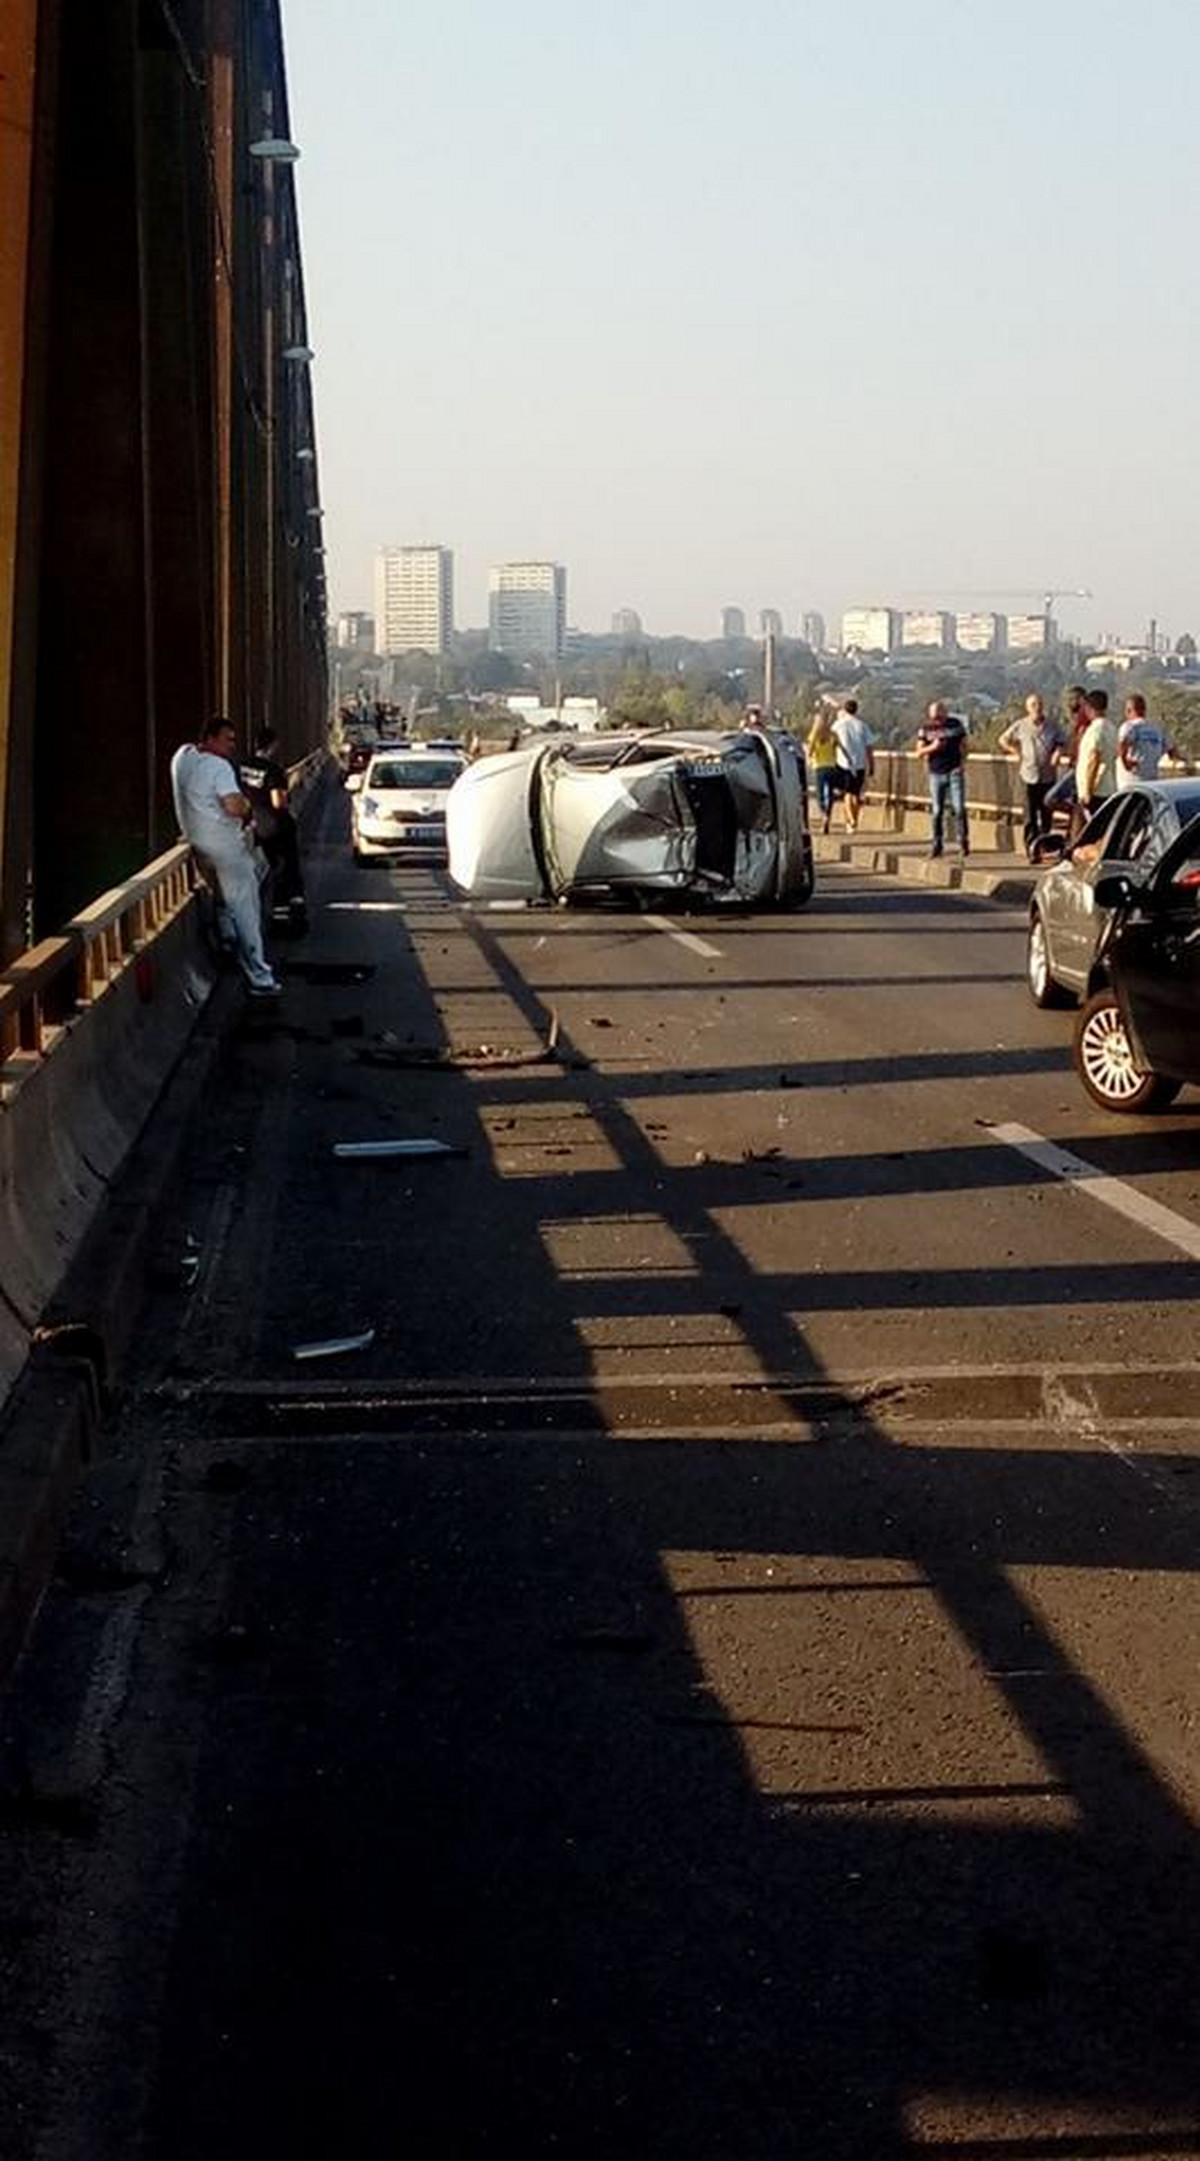 DRAMATICNA SCENA NA PANCEVCU Vozac izgubio kontrolu nad autom, udario u zastitnu ogradu i PREVRNUO SE (FOTO)